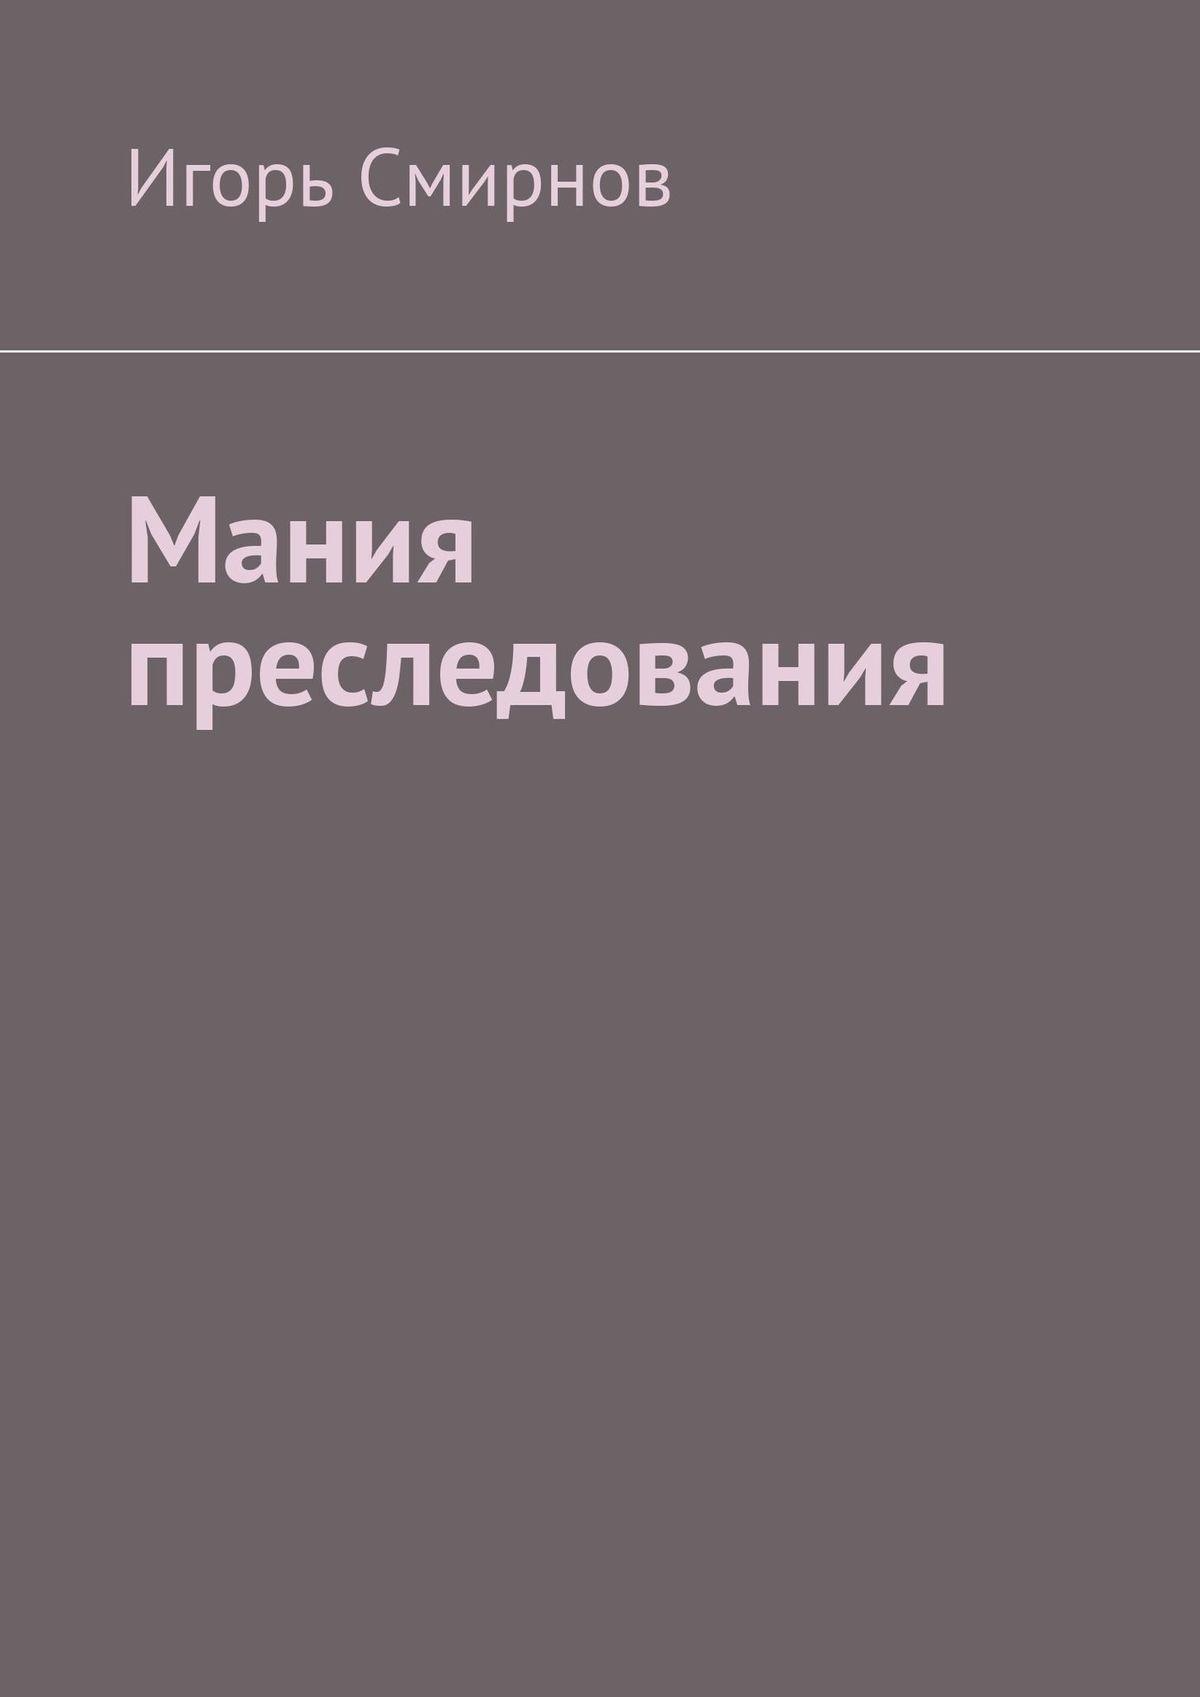 Игорь Смирнов Мания преследования игорь смирнов охтин gaudeamus вселенский гаудеамус пестрые тексты